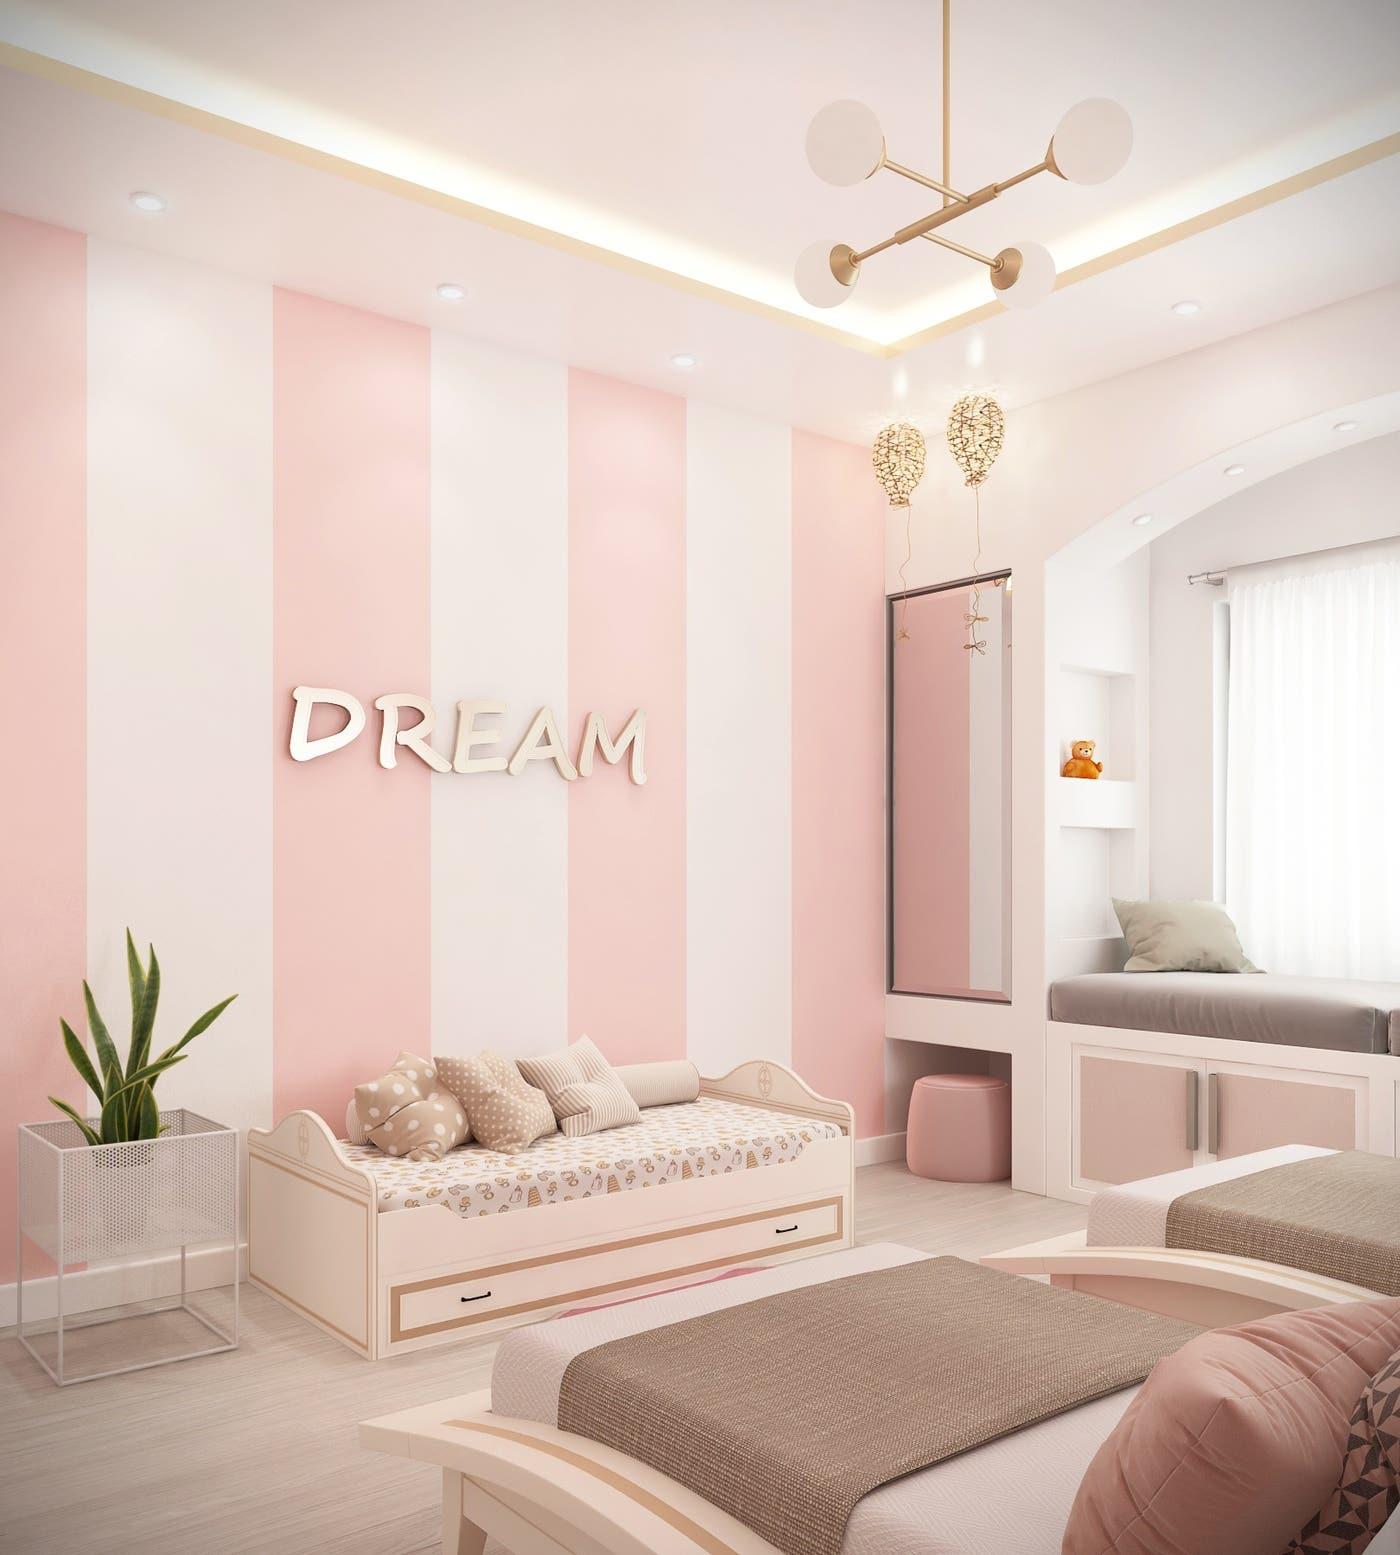 c20-girls-bedroom-pp-v04.jpg